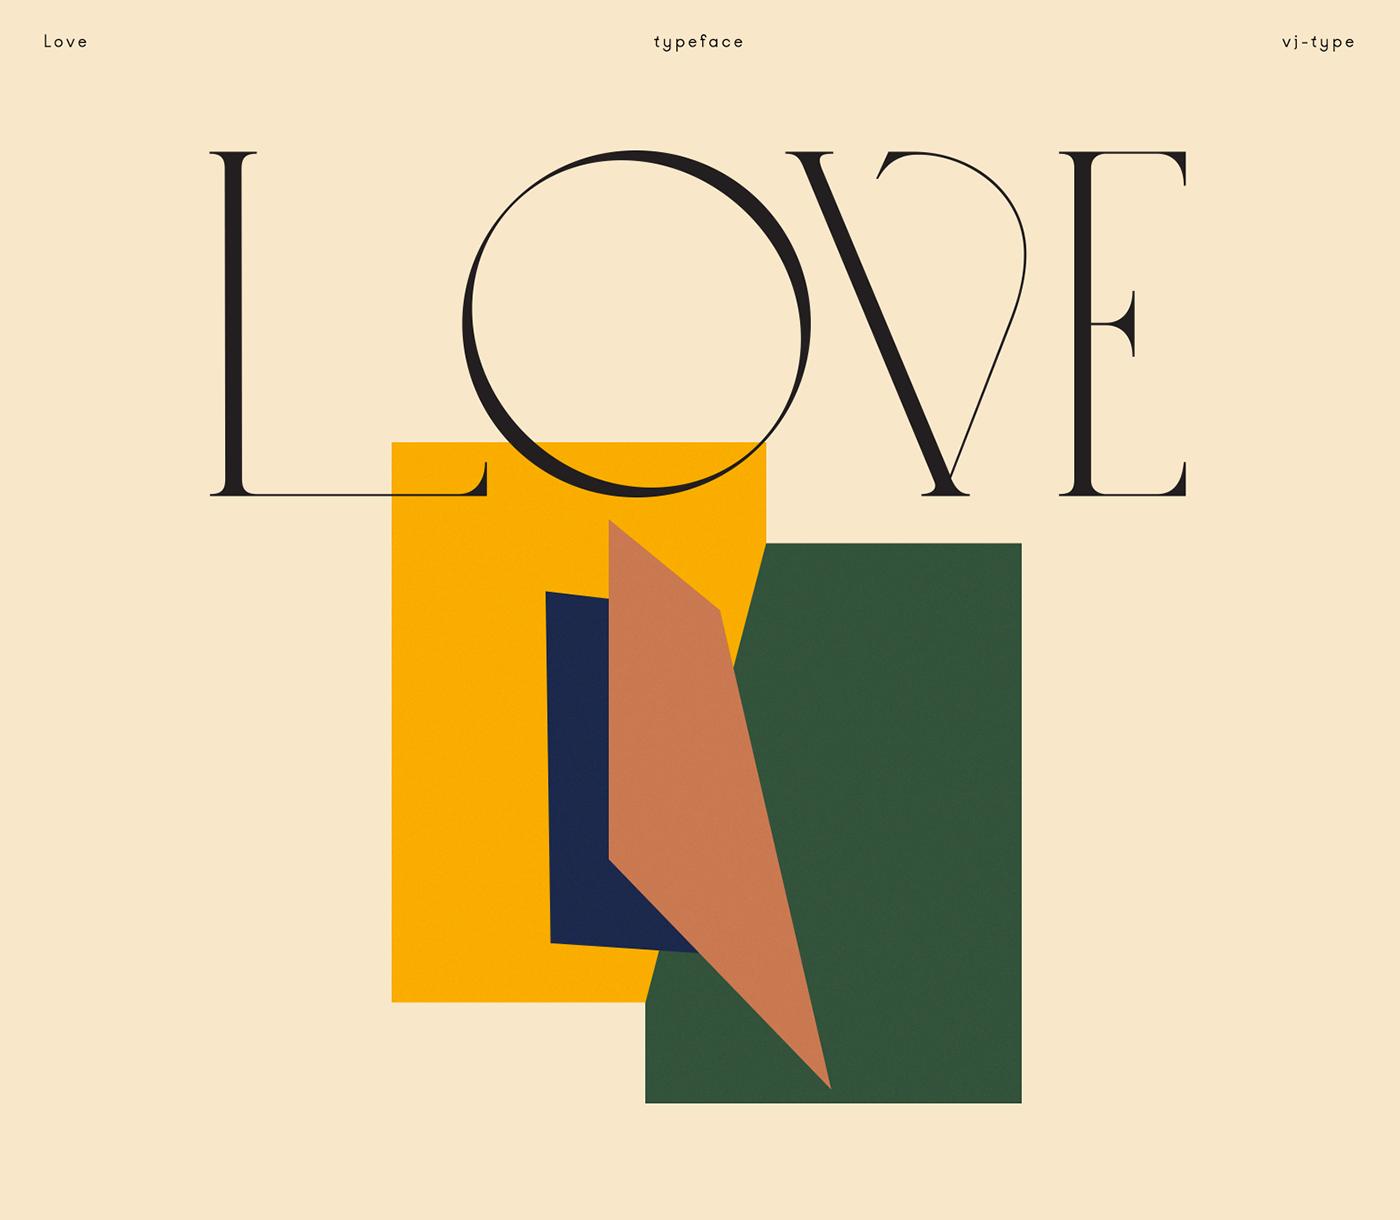 [单独购买] 10套潮流逆反差酸性杂志标题Logo设计VJ Type家族英文字体合集 VJ Type – Typeface Font Collection插图4